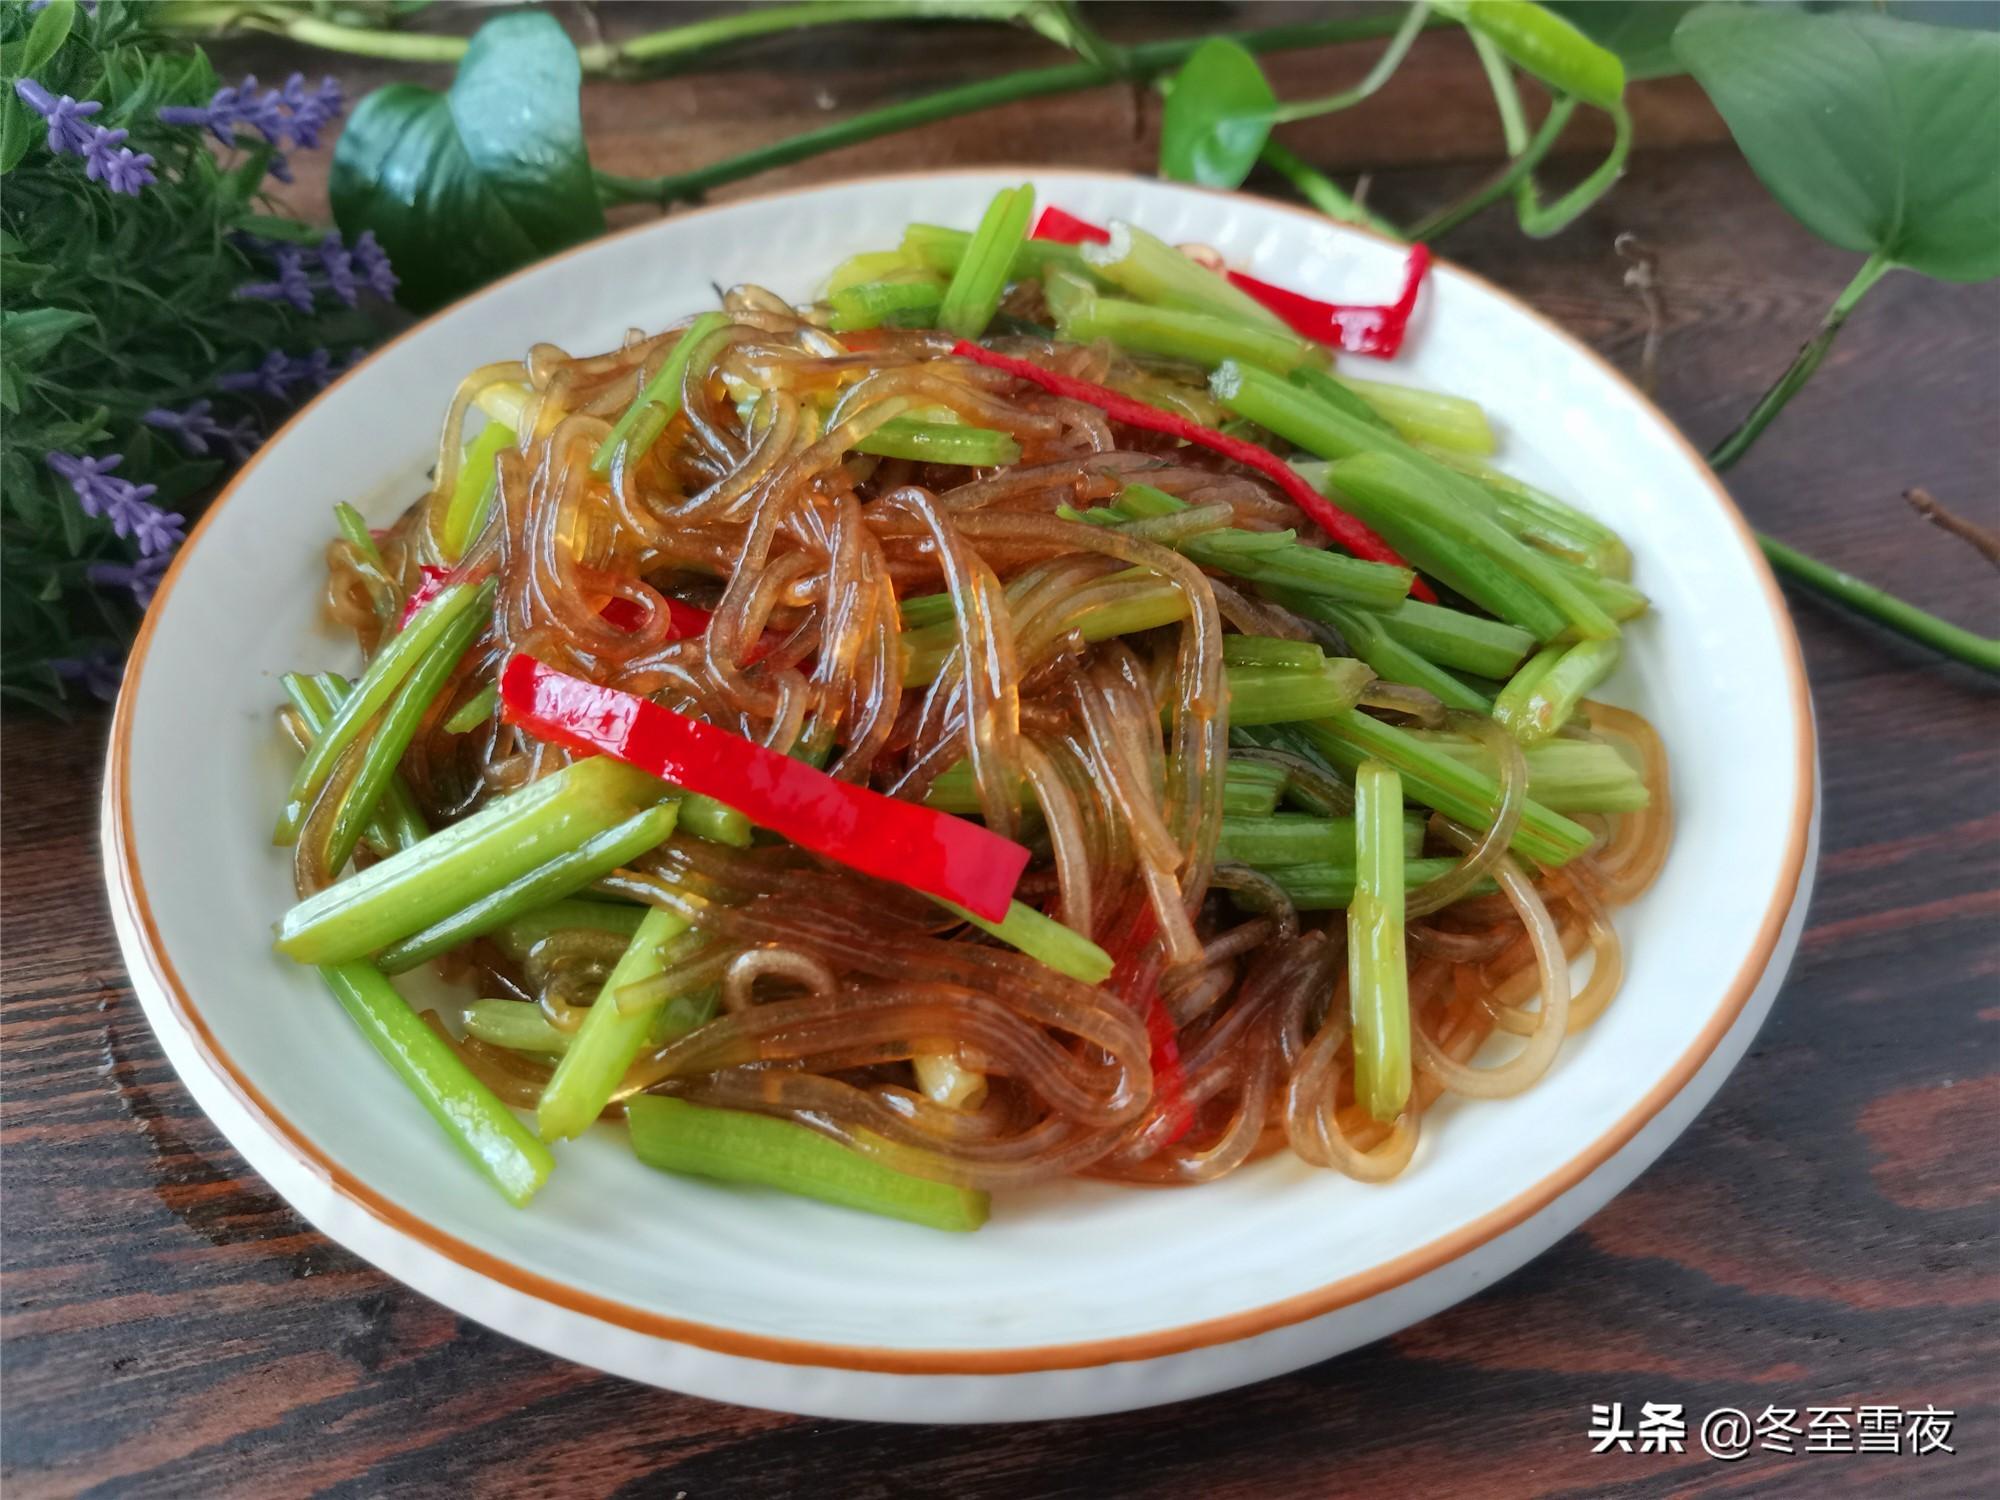 春季易上火,家里常吃这几种蔬菜,清火祛春燥 美食做法 第2张